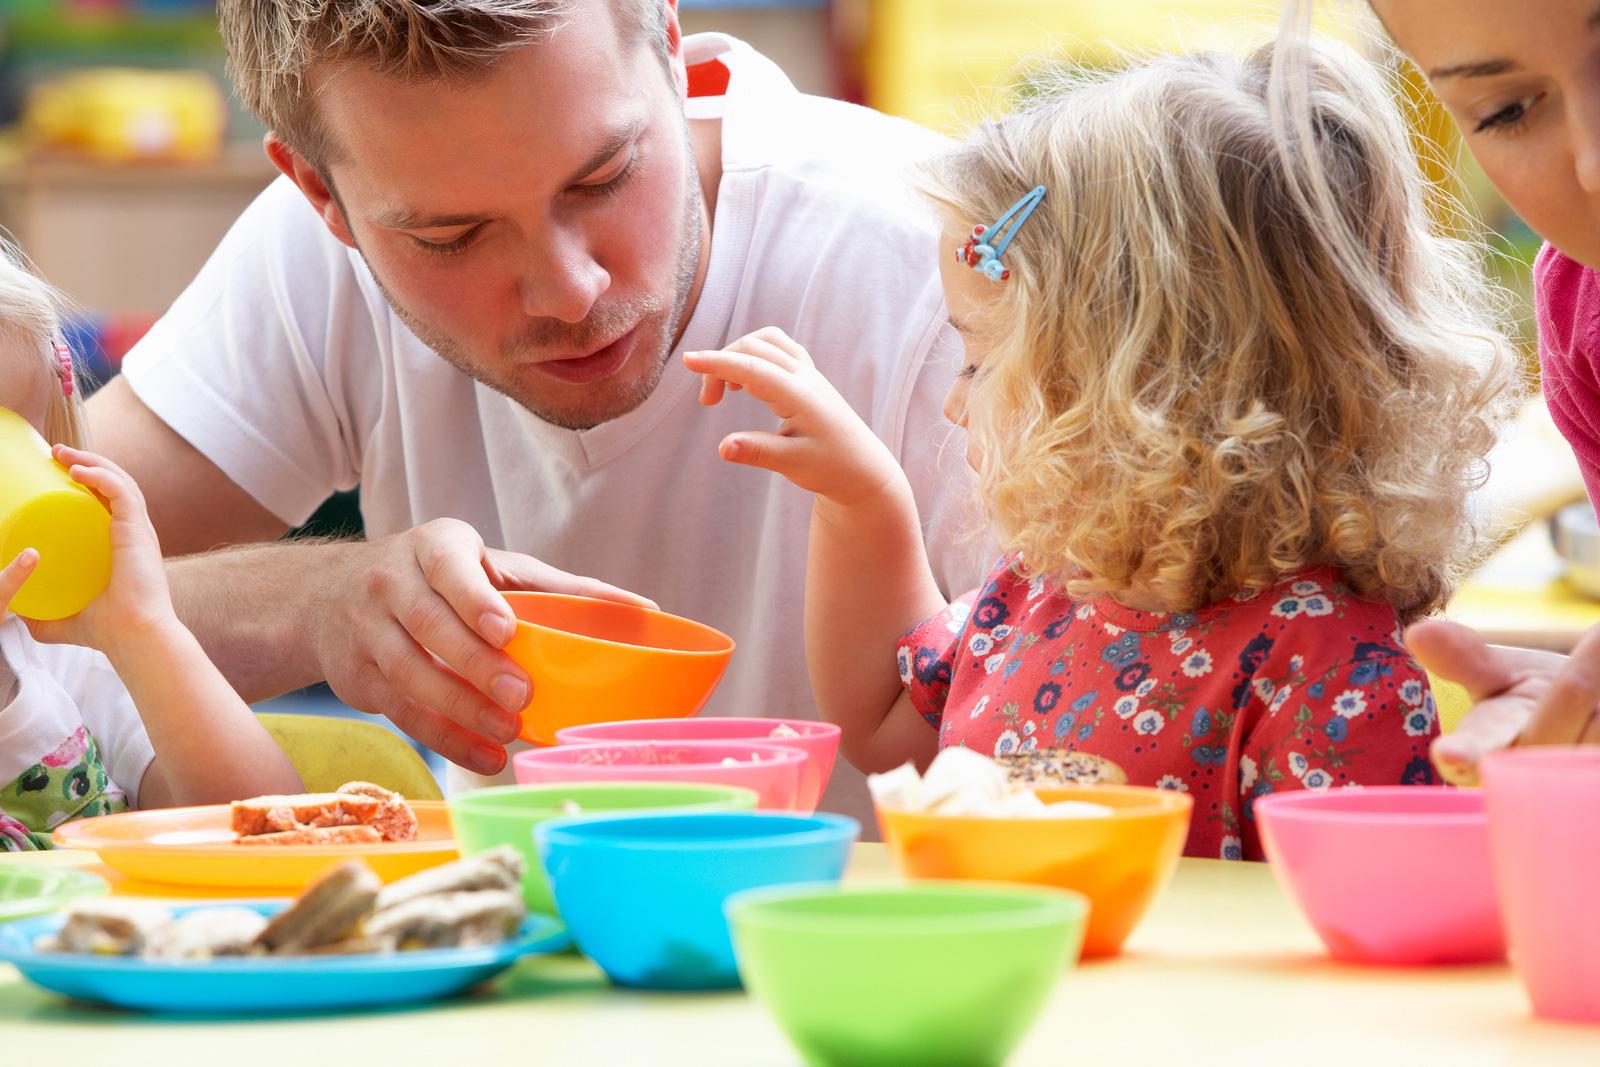 Картинки играющих детей с родителями, картинки надписью пожеланием